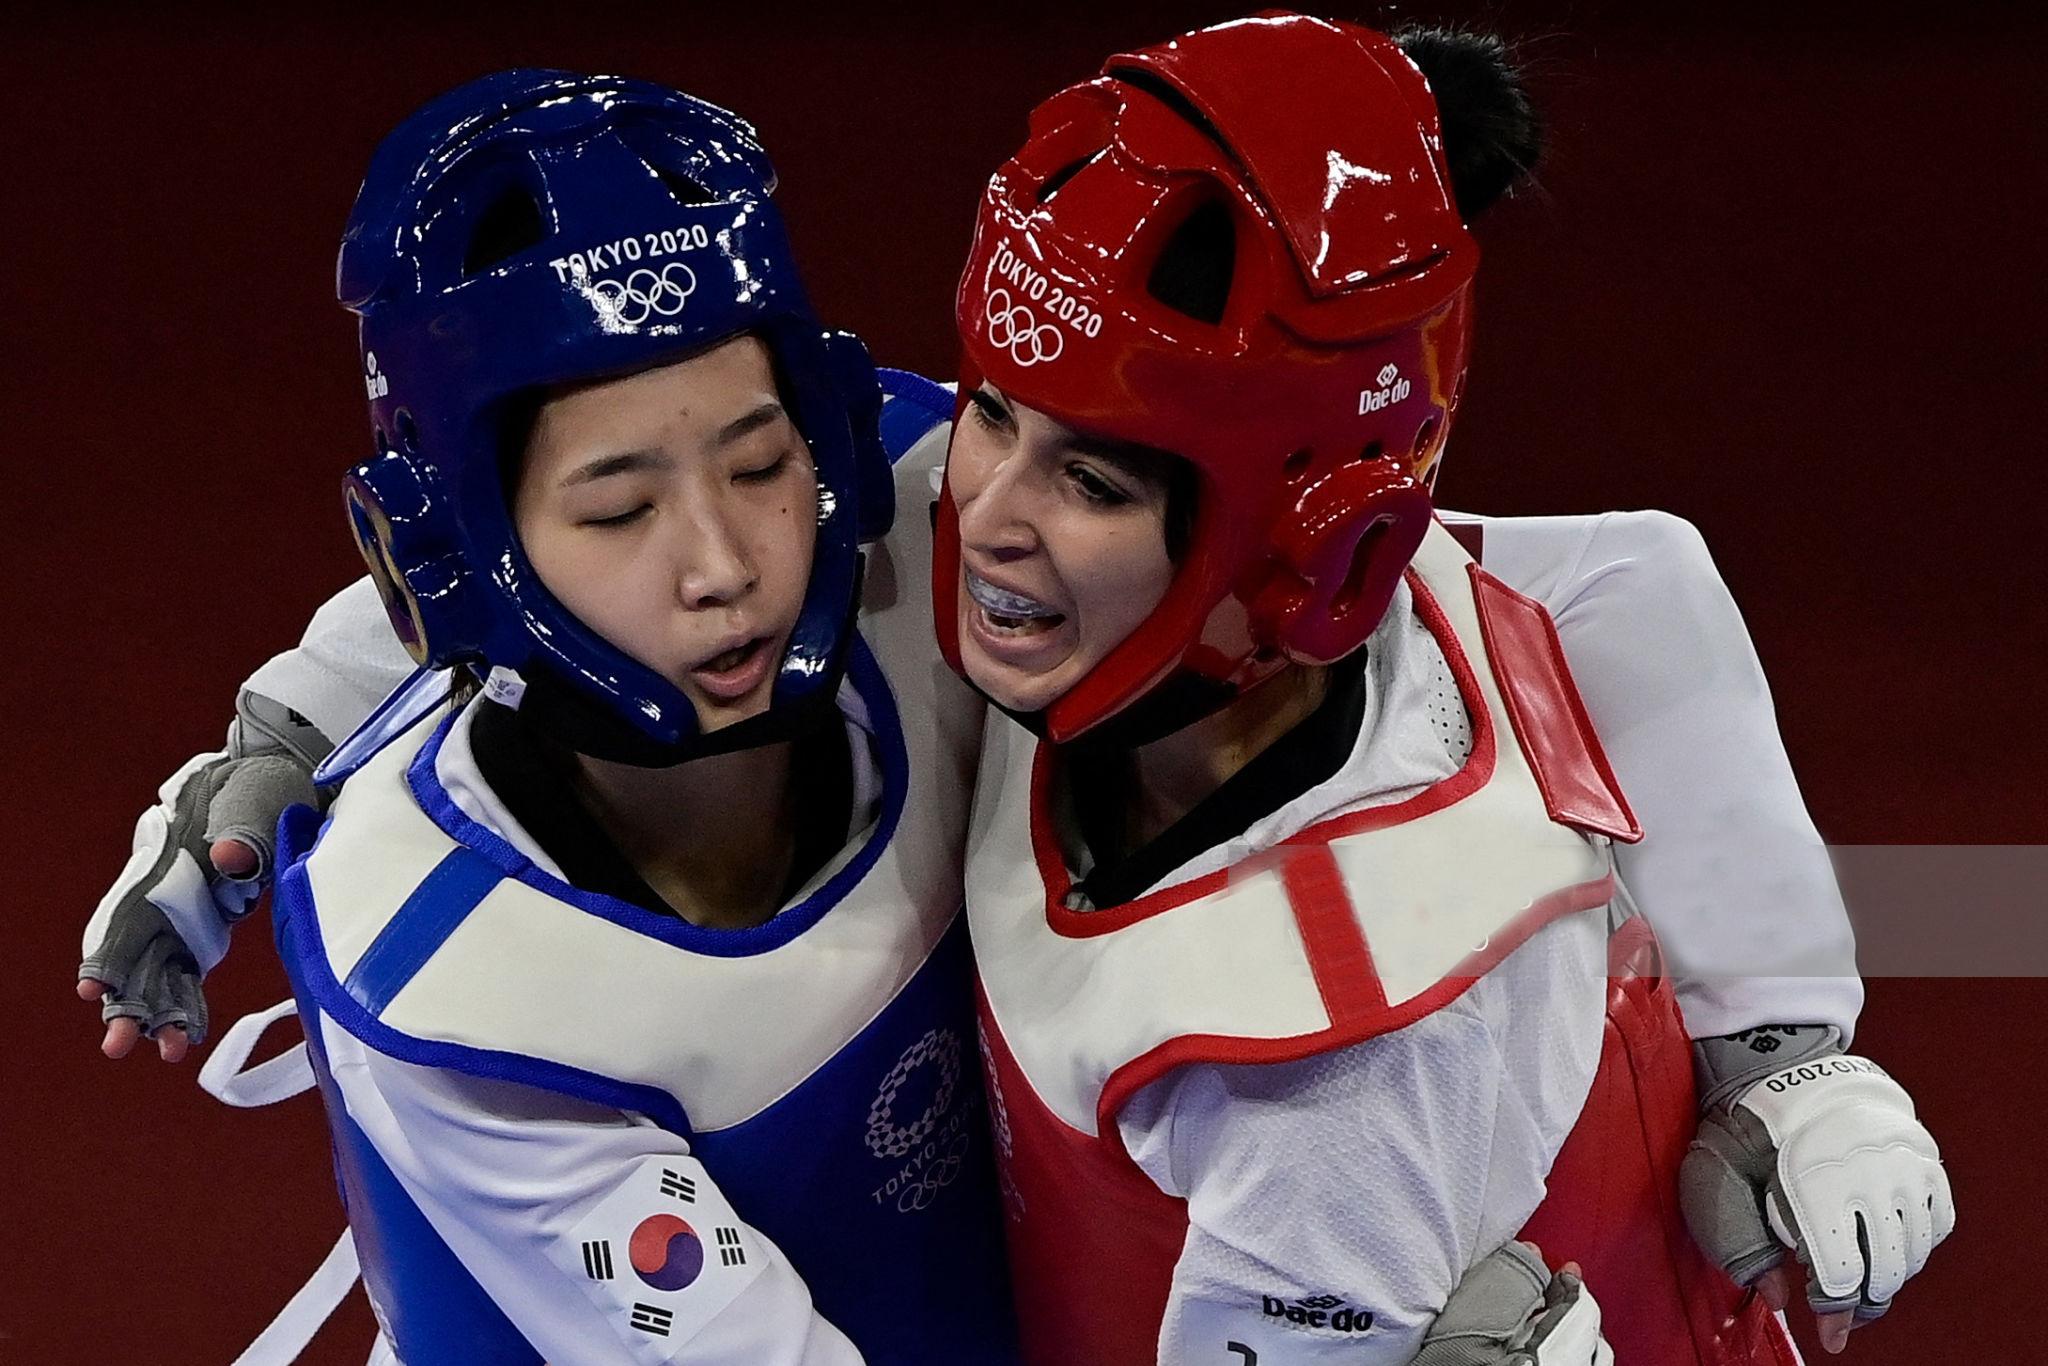 أولمبياد طوكيو: خروج مبكر لأربعة رياضيين مغاربة من دائرة المنافسة في اليوم الثاني